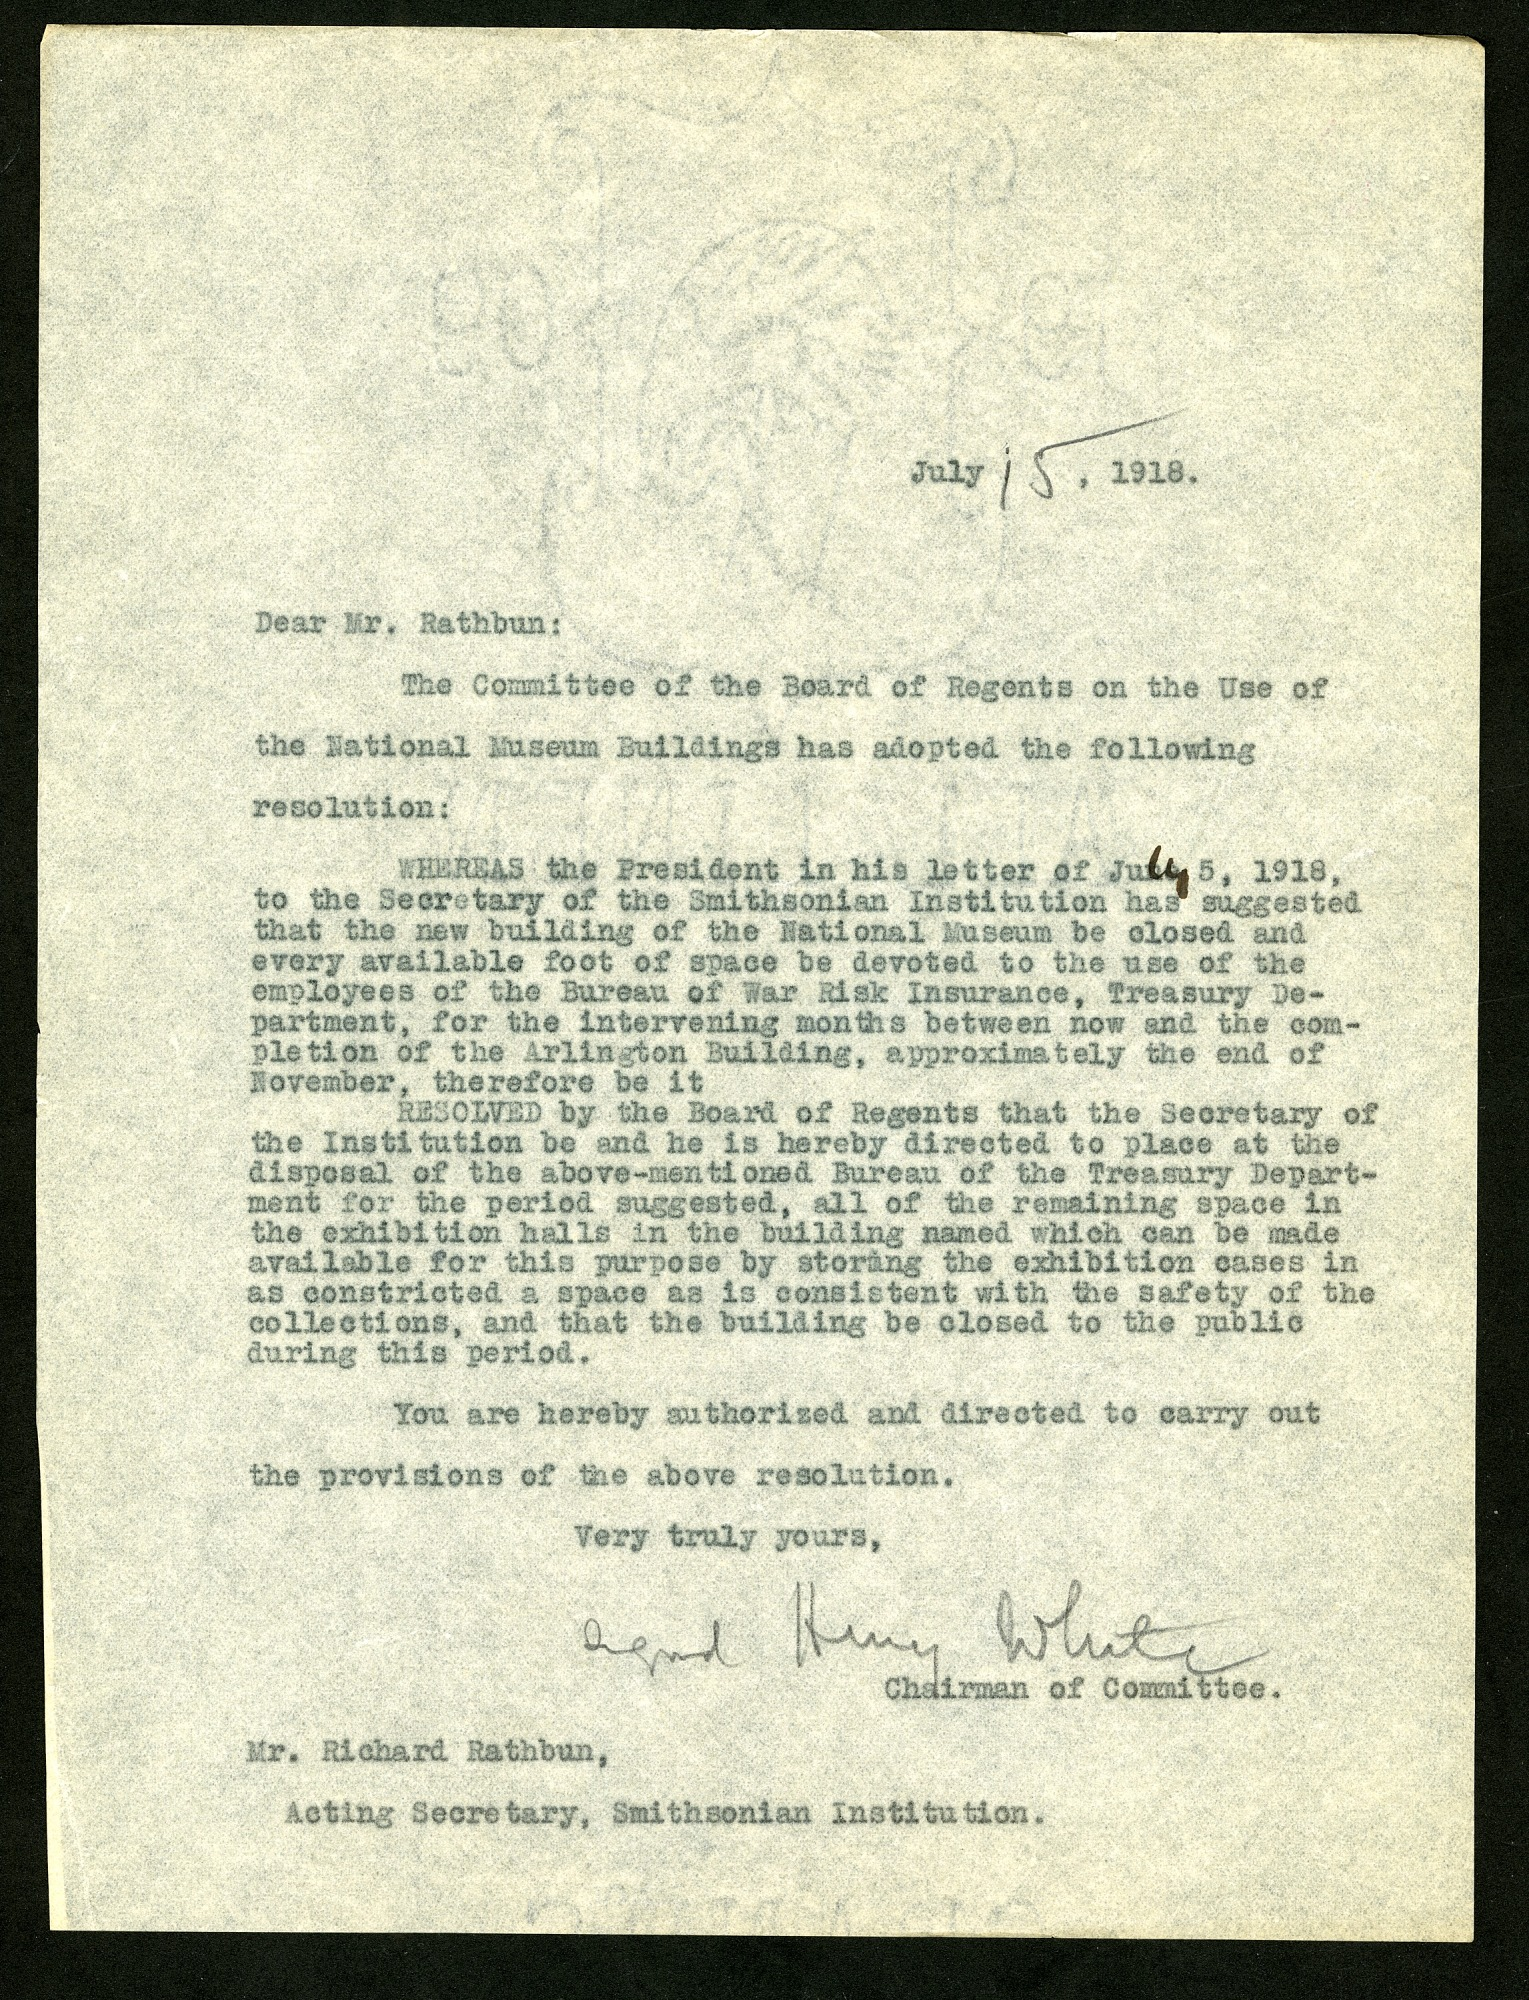 Letter from Henry White to Richard Rathbun